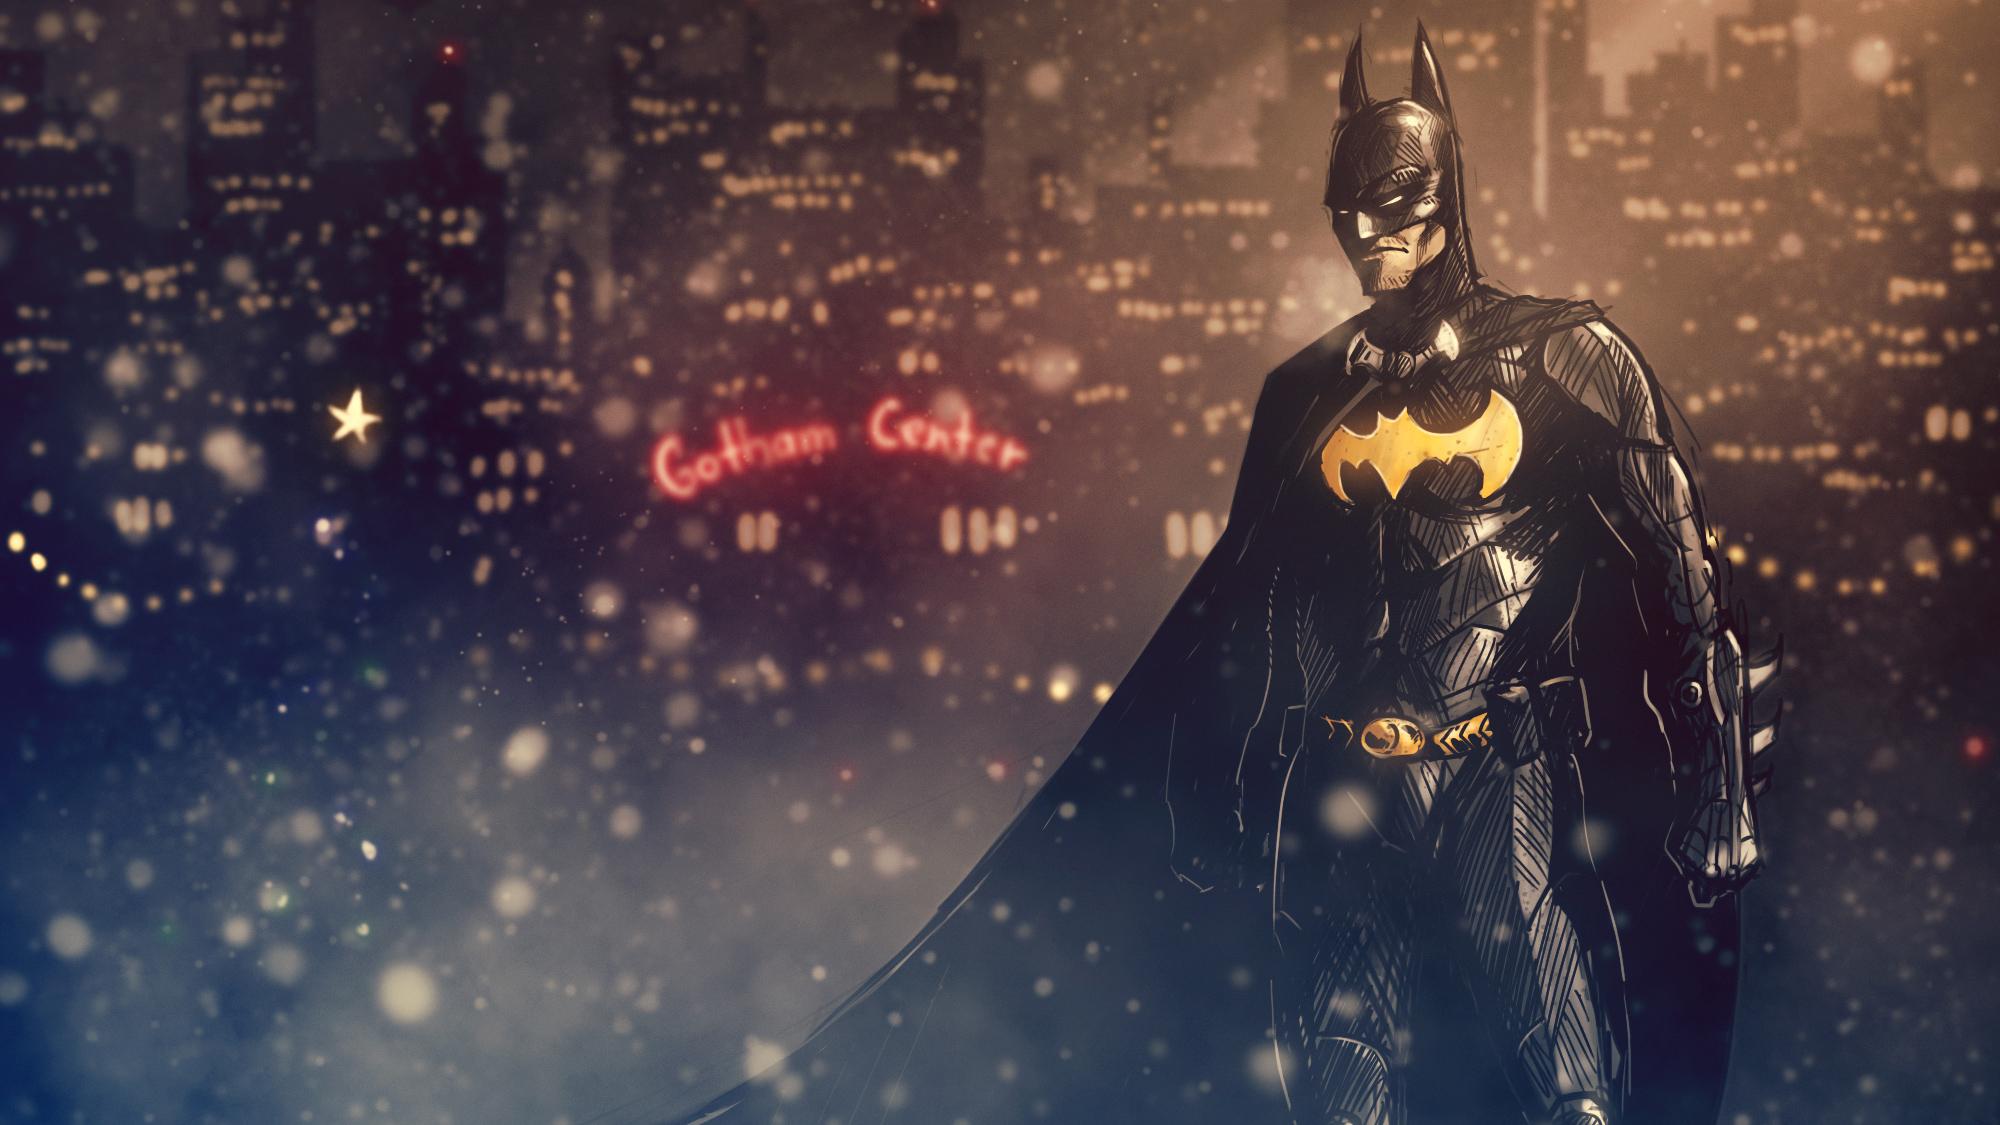 batman arts 2018 hd 1545866384 - Batman Arts 2018 4k - superheroes wallpapers, hd-wallpapers, digital art wallpapers, deviantart wallpapers, batman wallpapers, artwork wallpapers